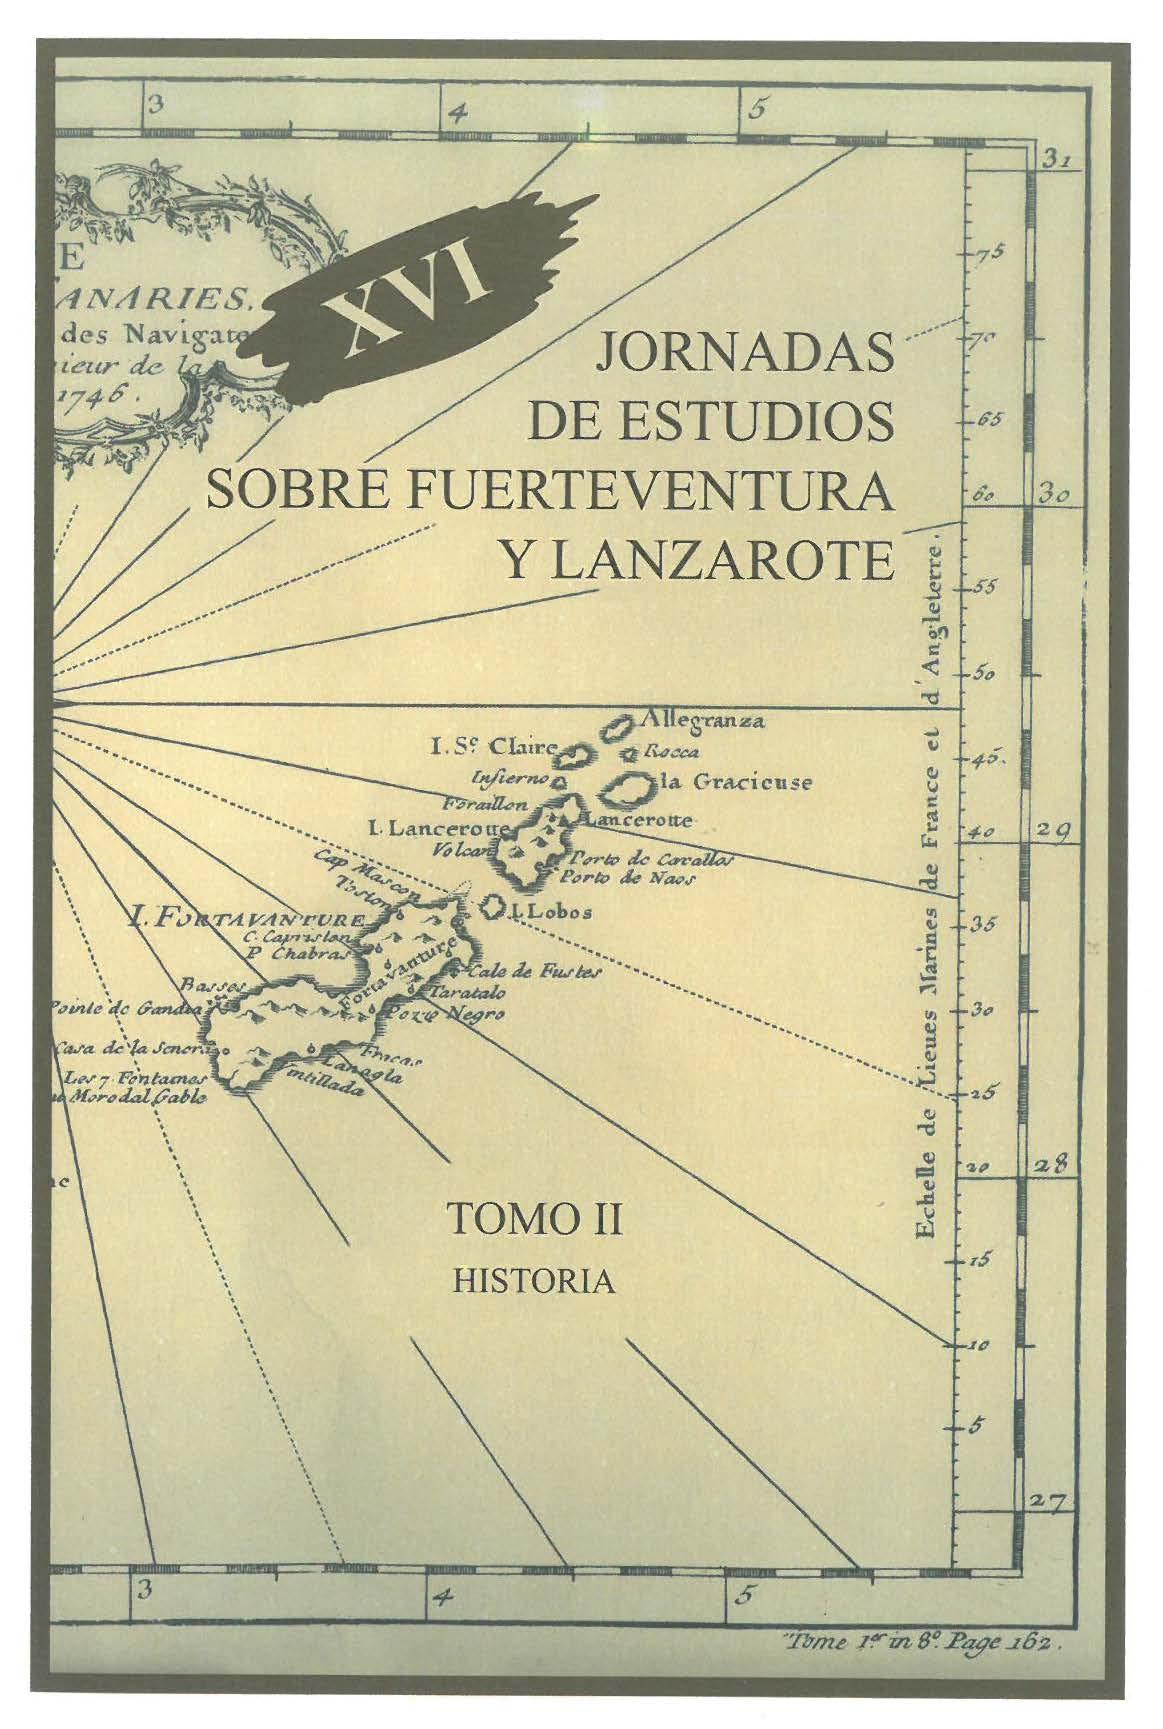 El Archivo on-line: la página web del Archivo Histórico Municipal de Teguise